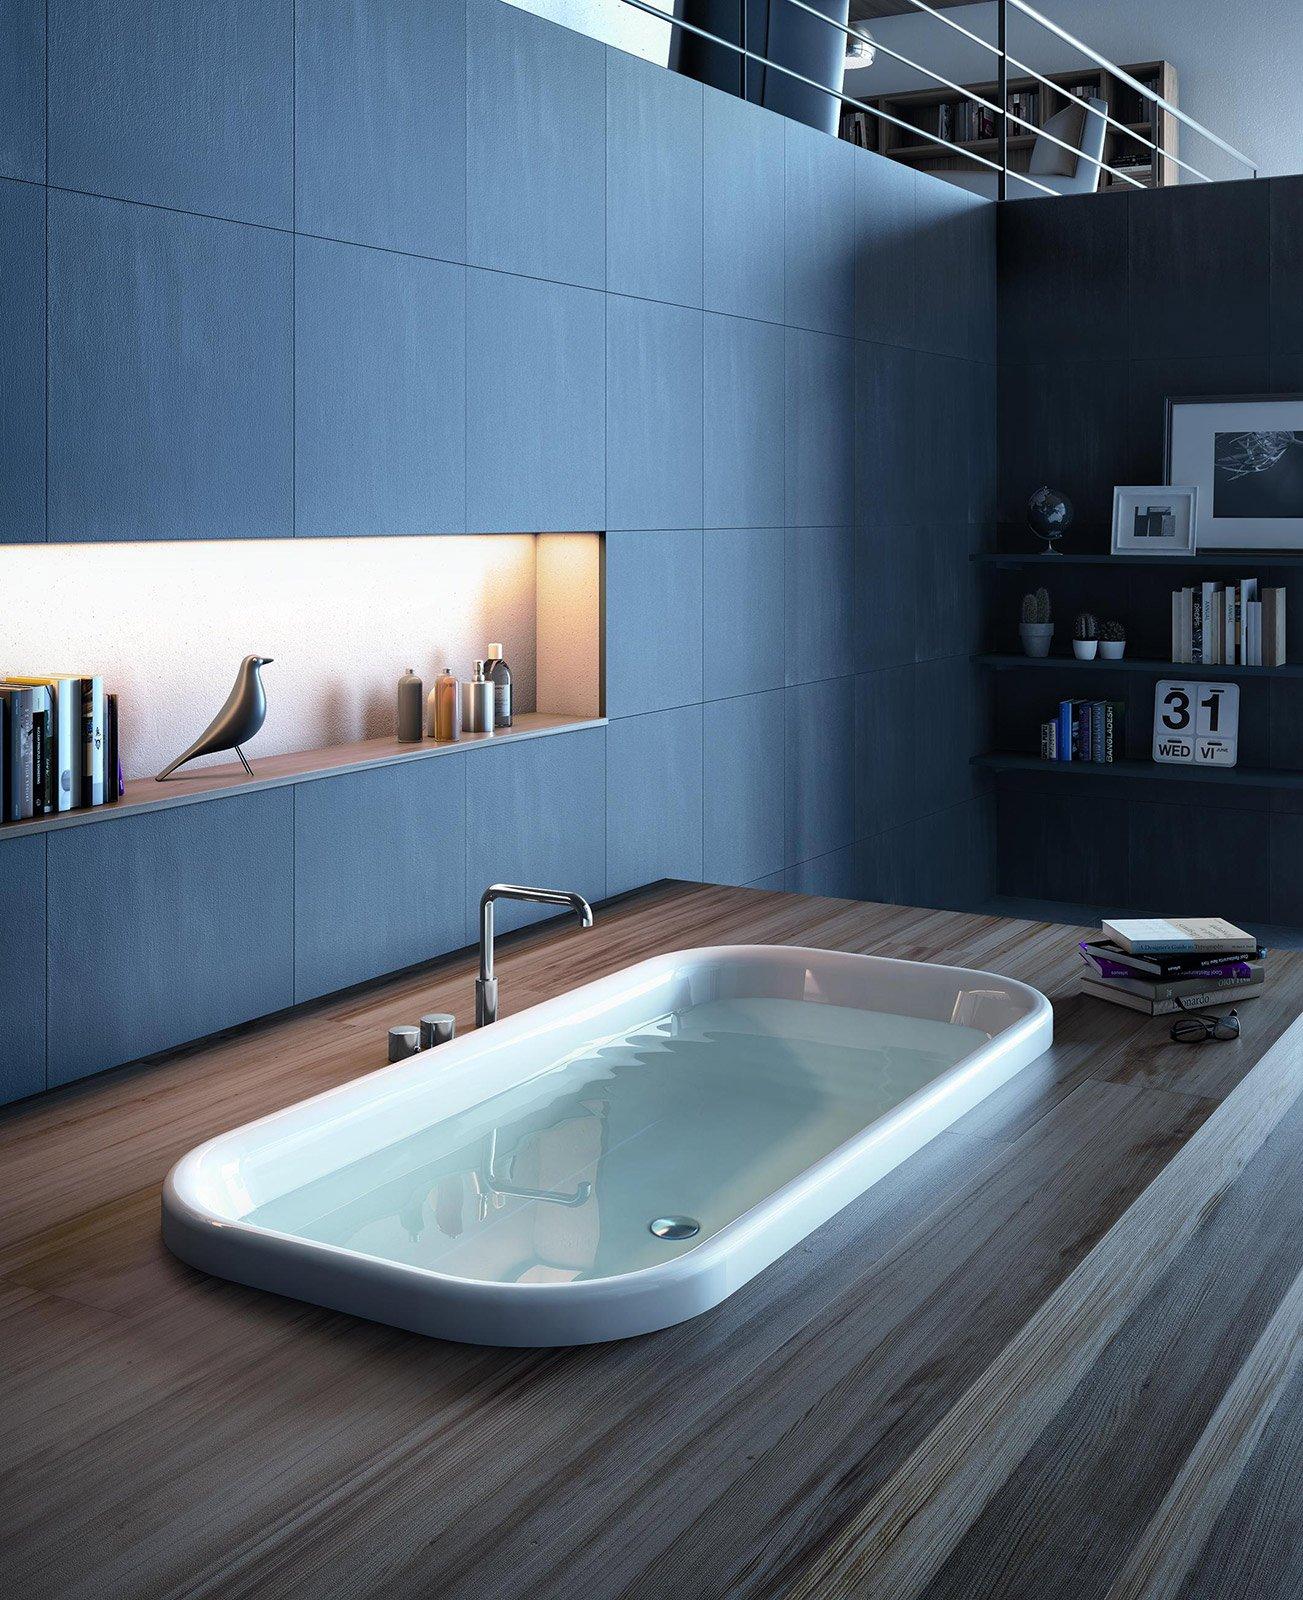 Vasche idromassaggio bollicine di benessere cose di casa - Vasche da bagno ad incasso ...